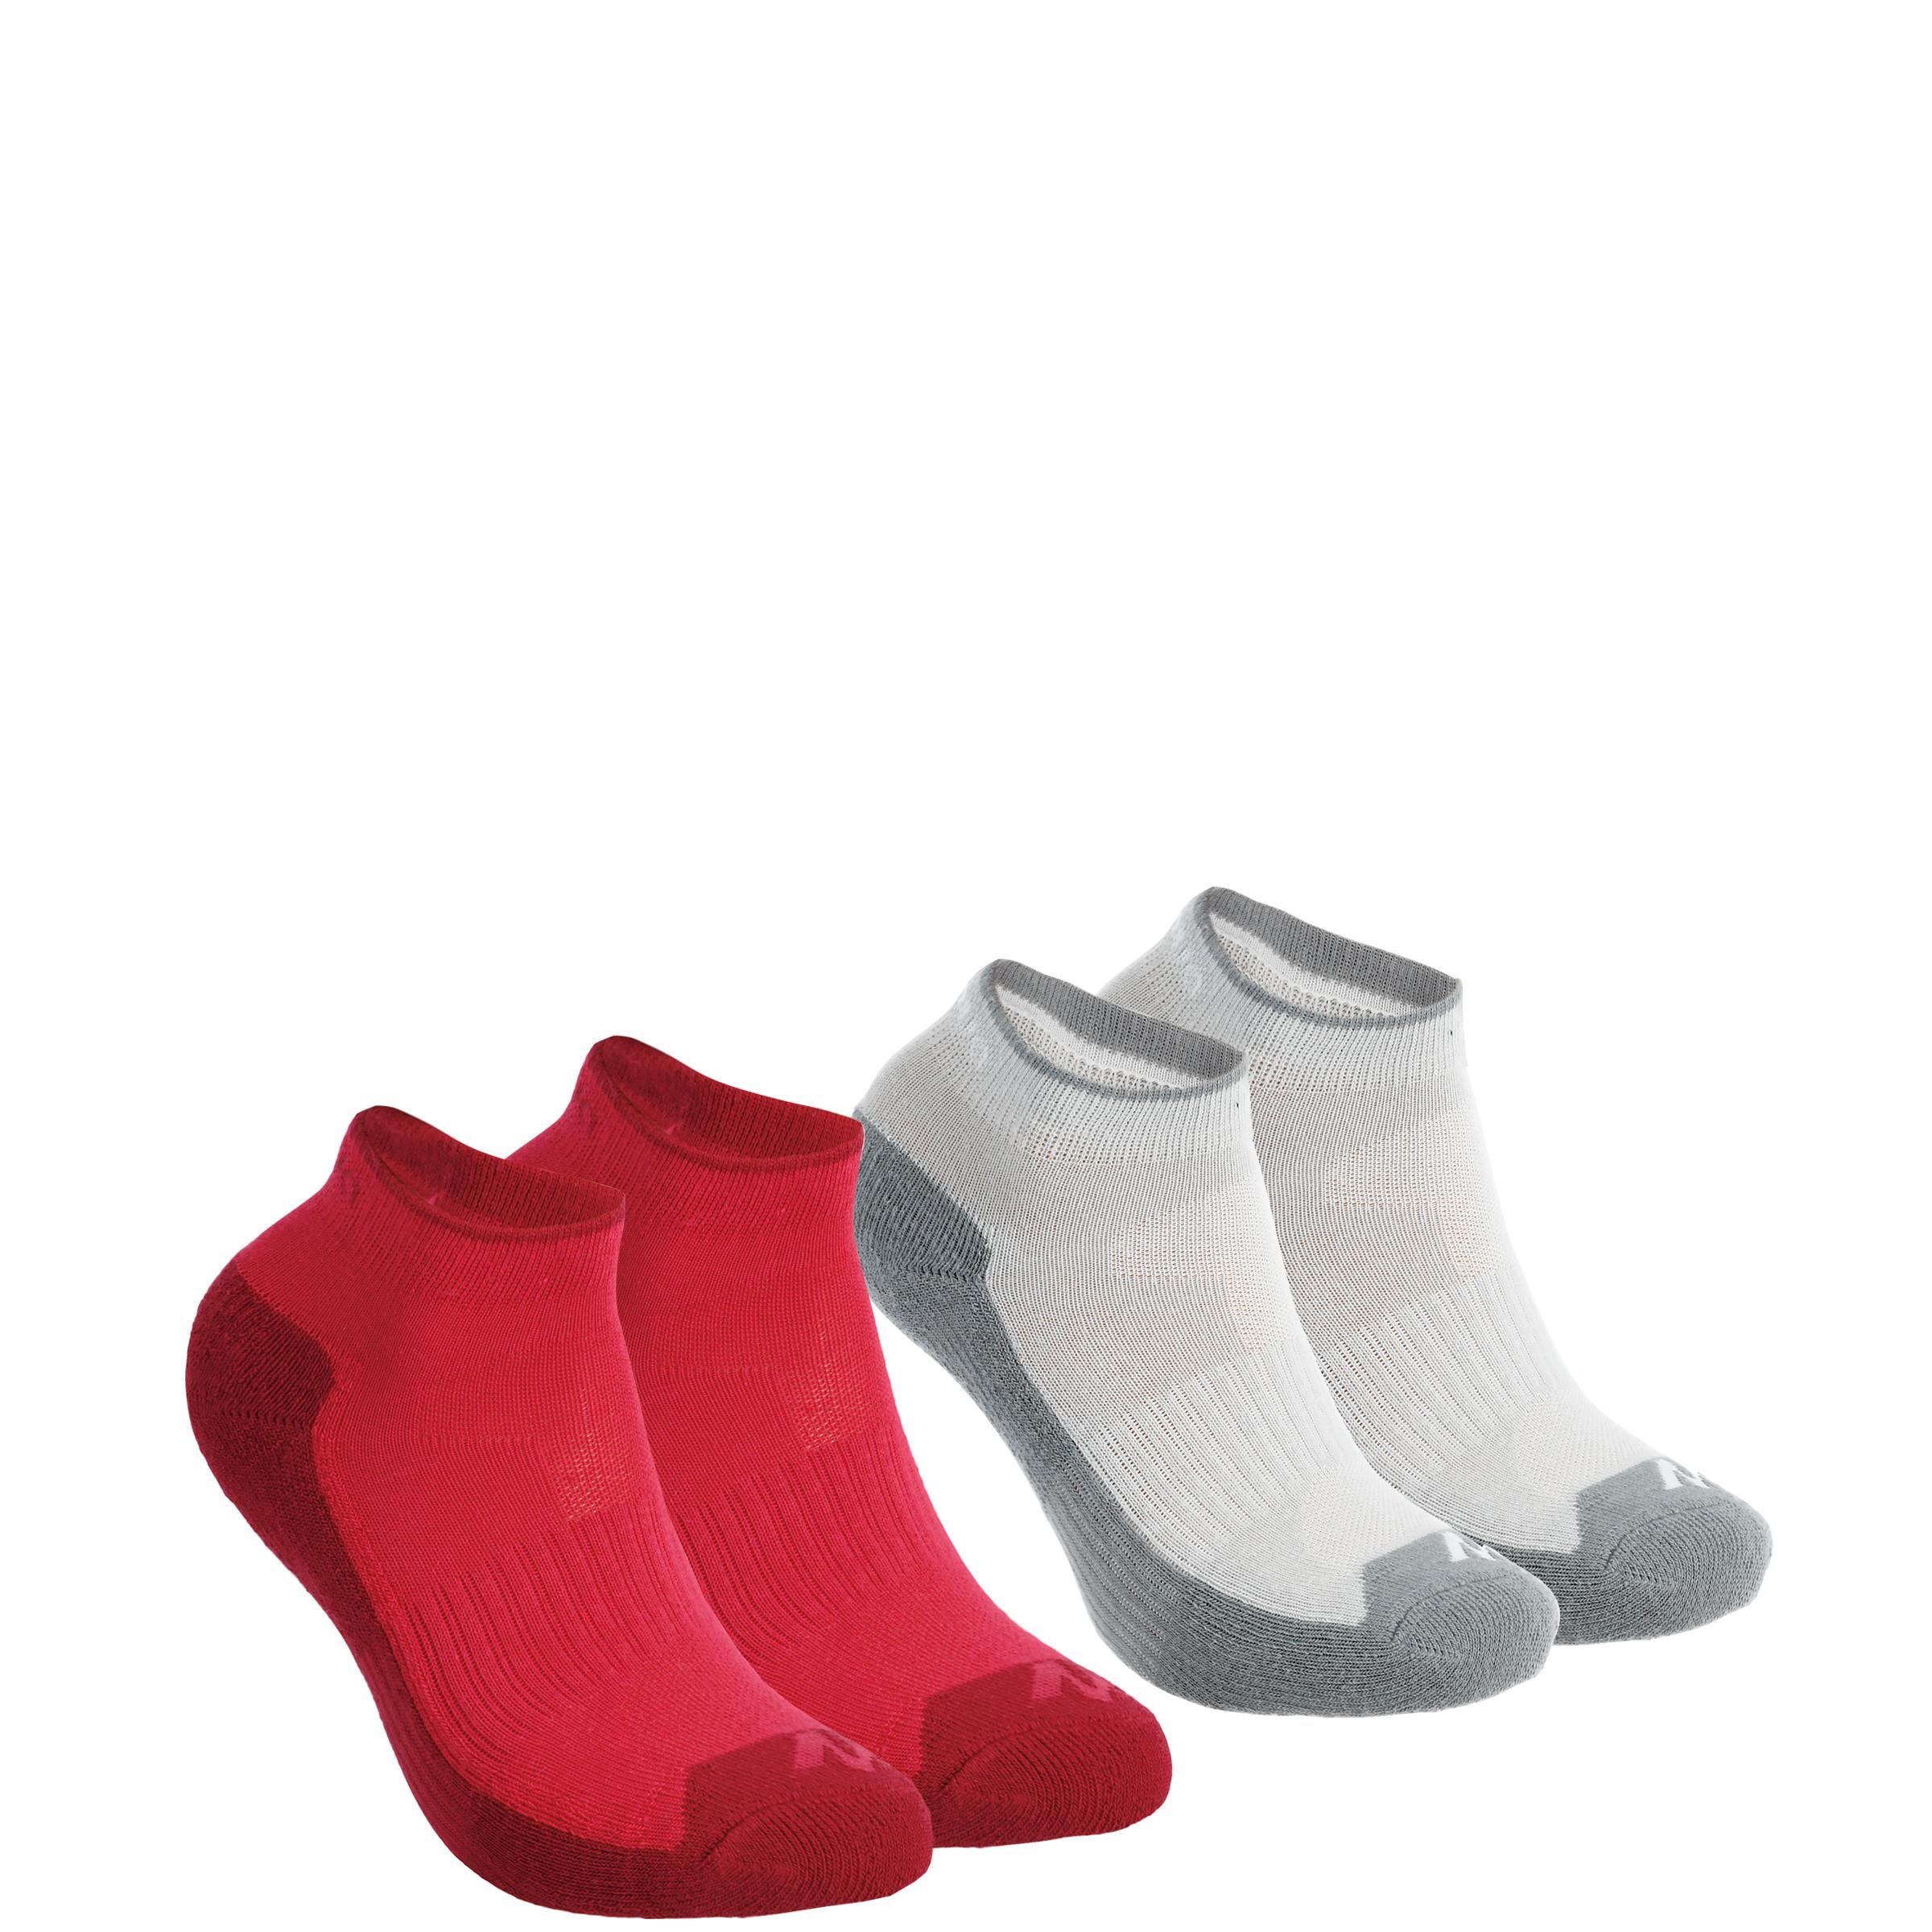 2 pares de calcetines de campismo cortos niños Arpenaz 50 rosa